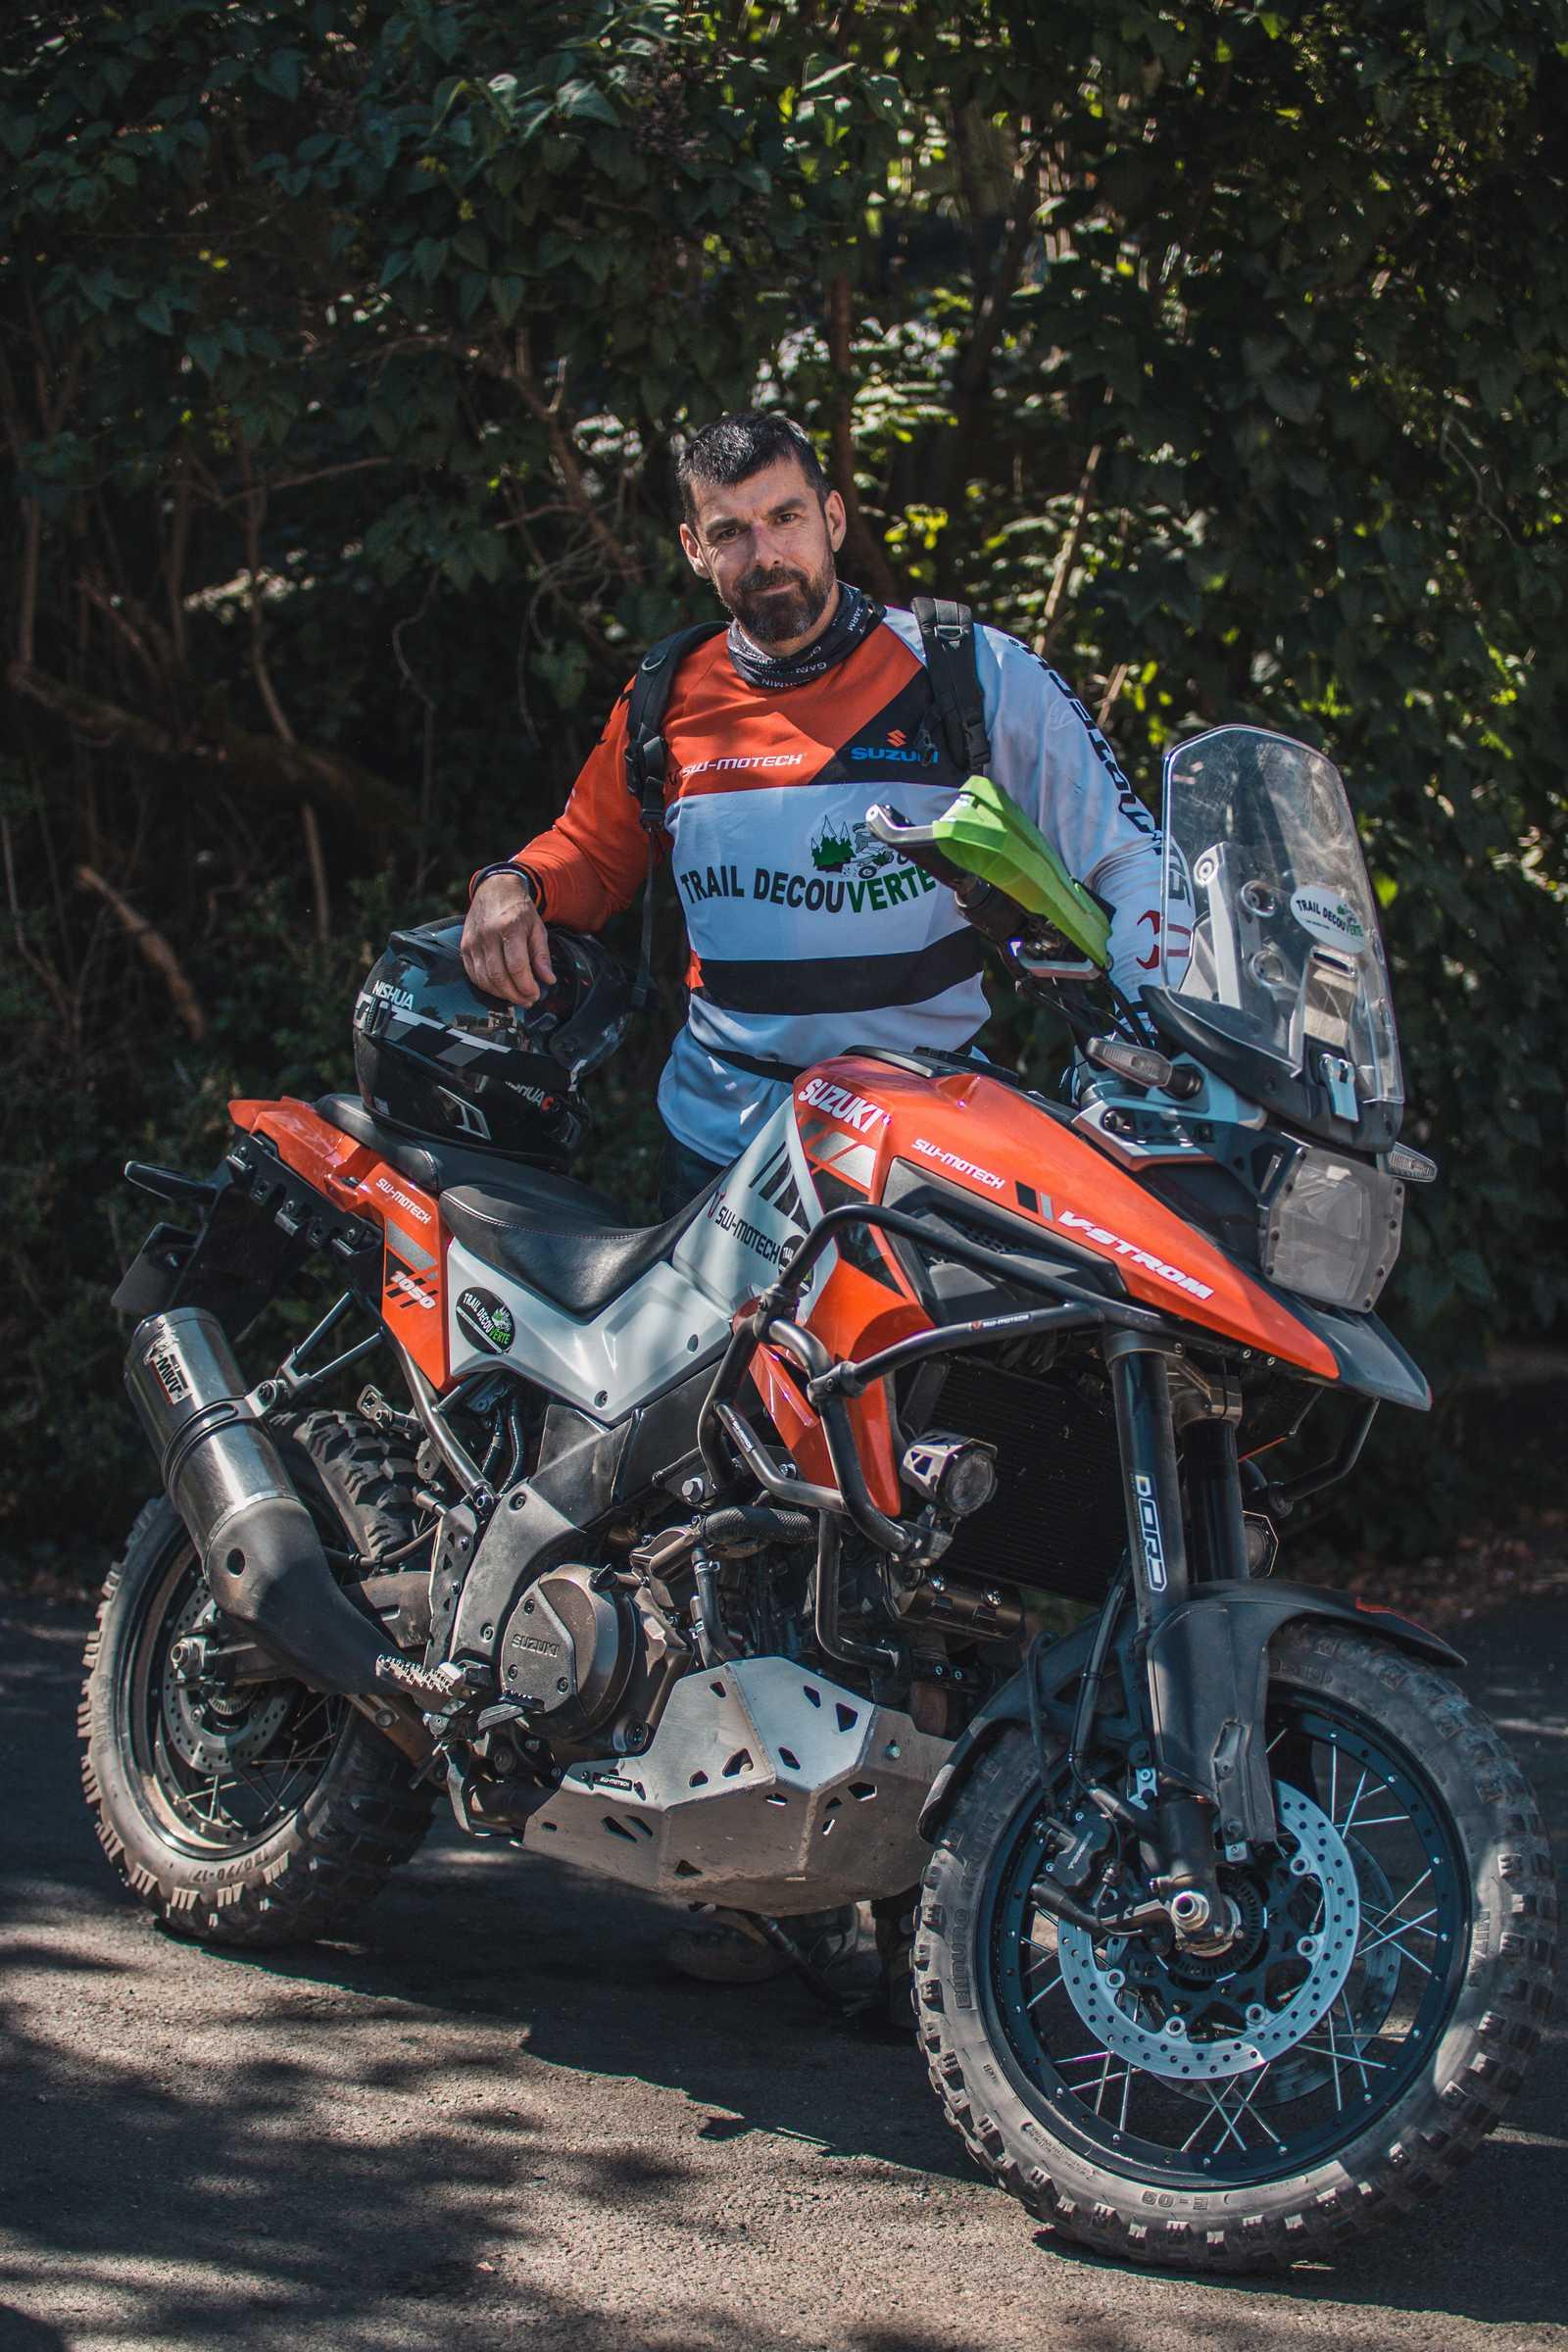 greg organisateur de randonnées en moto trail